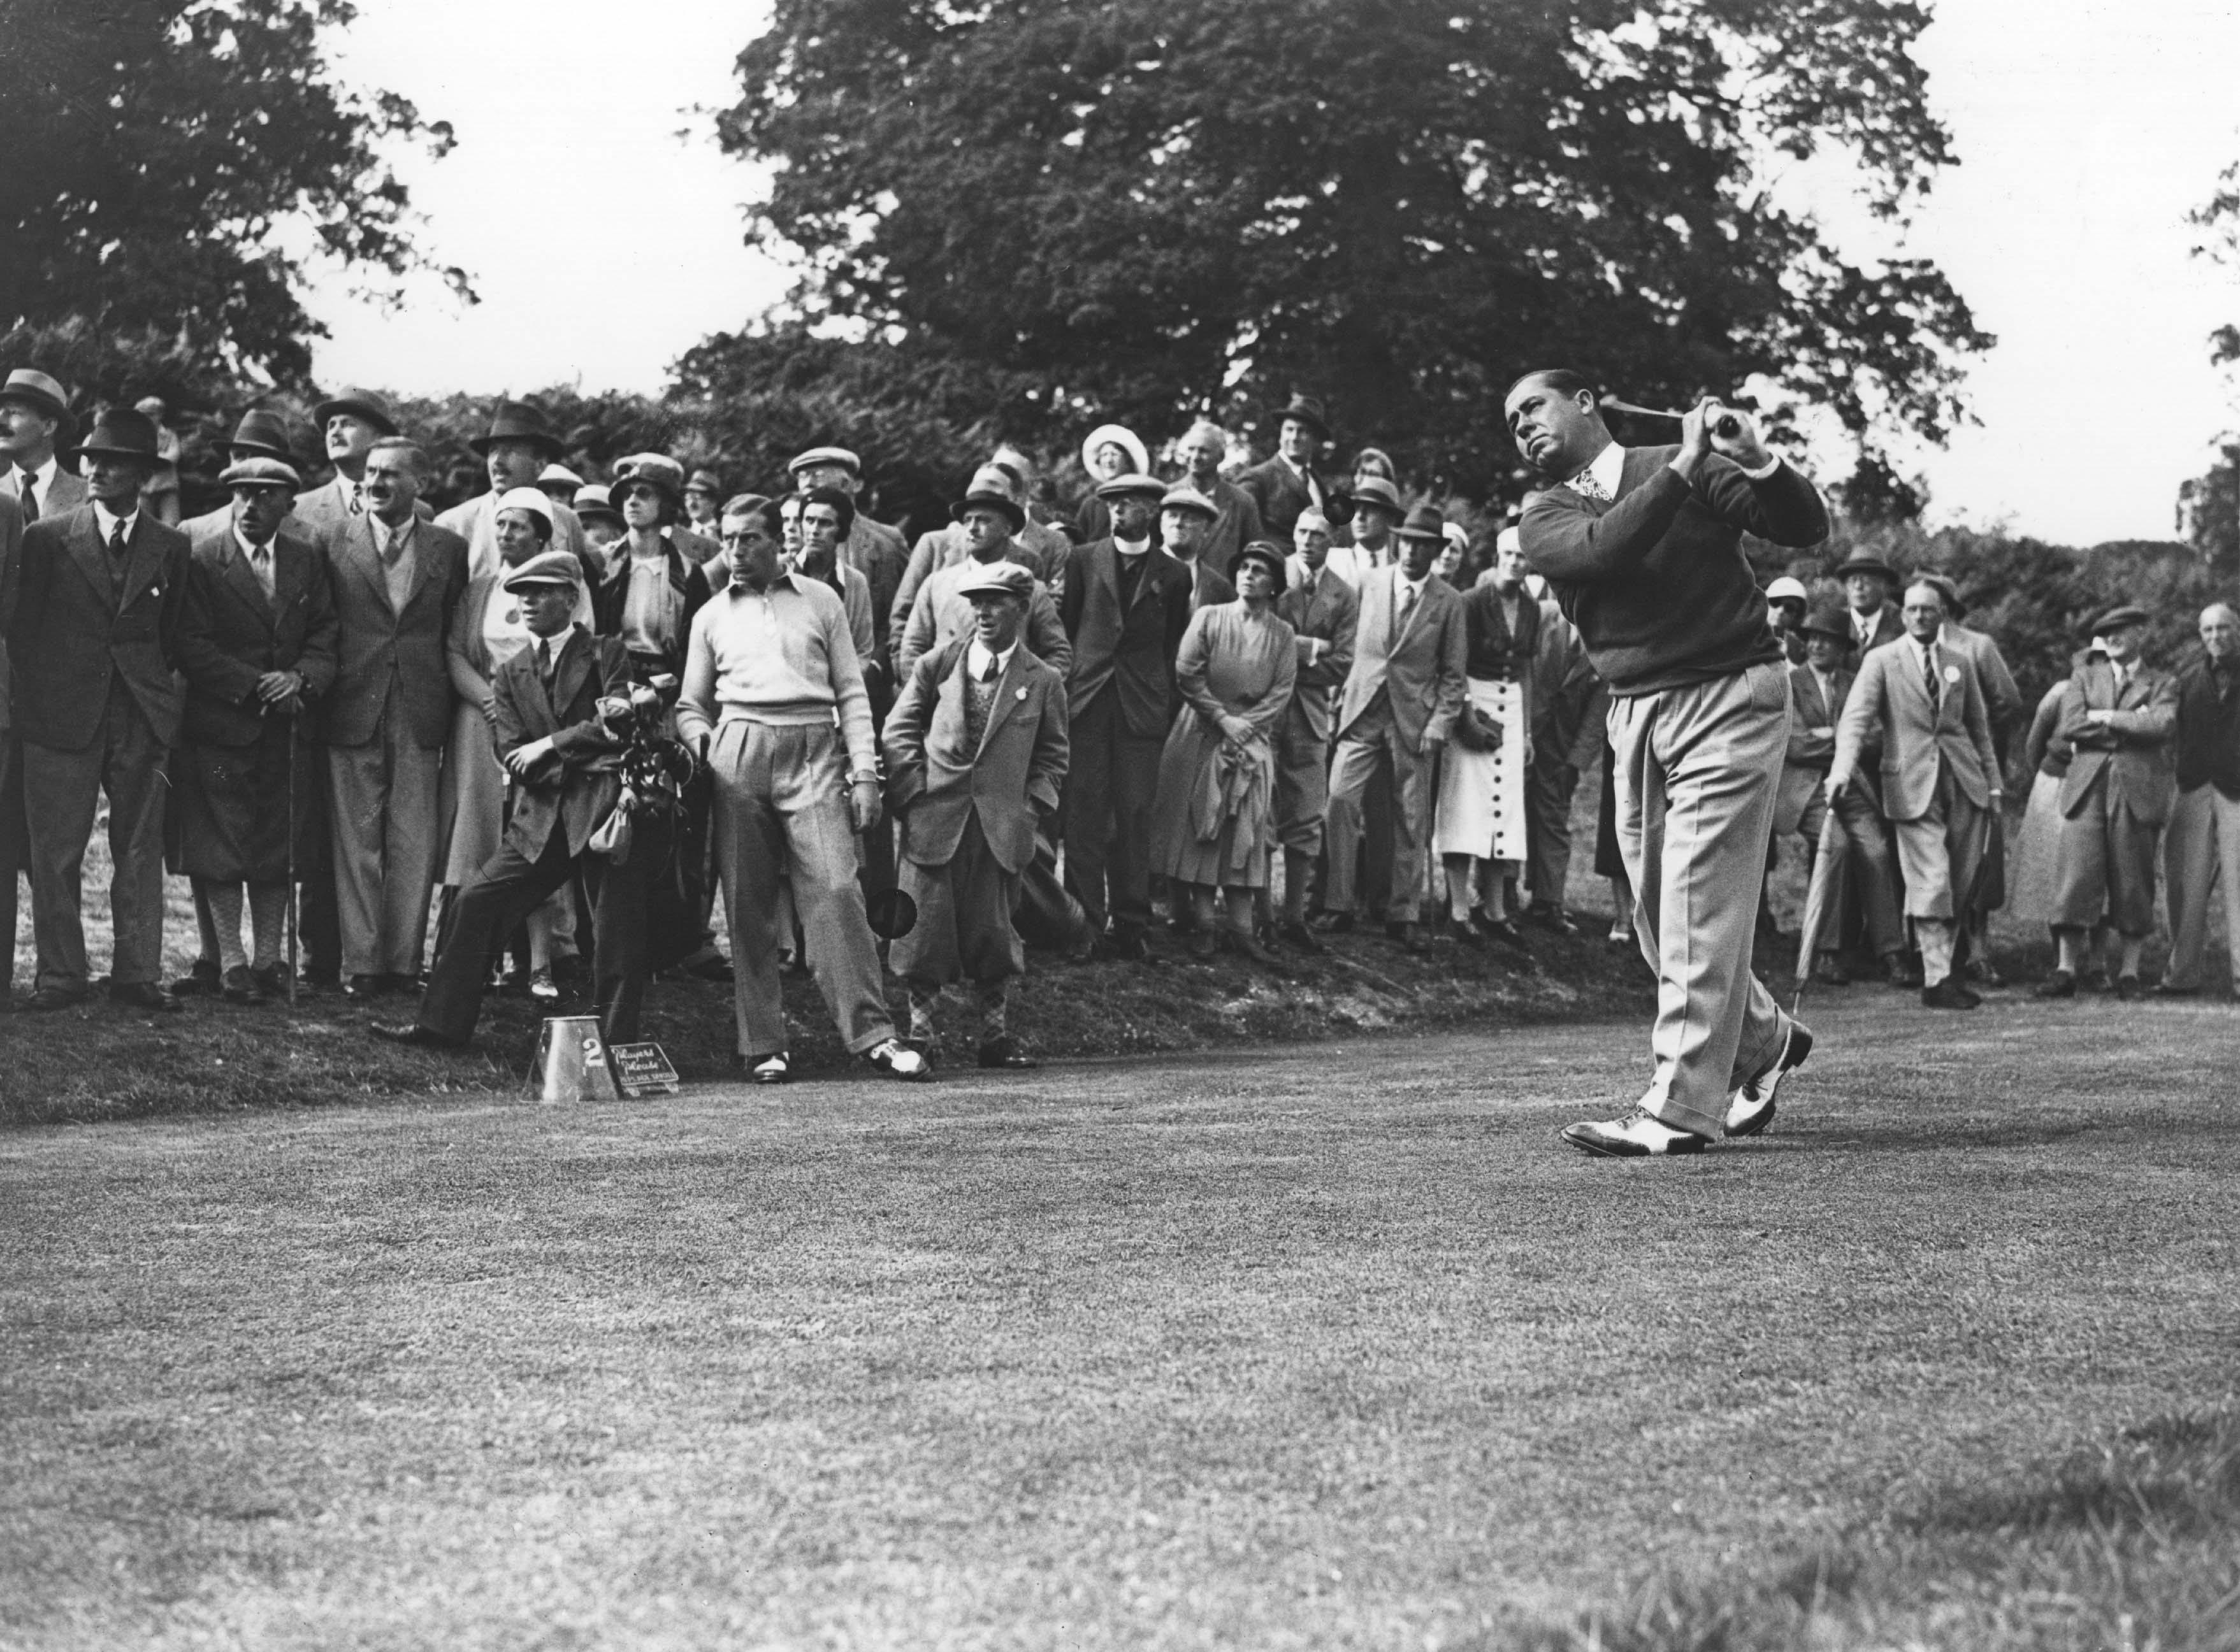 3. 1932: Hagen wins 5th Western Open